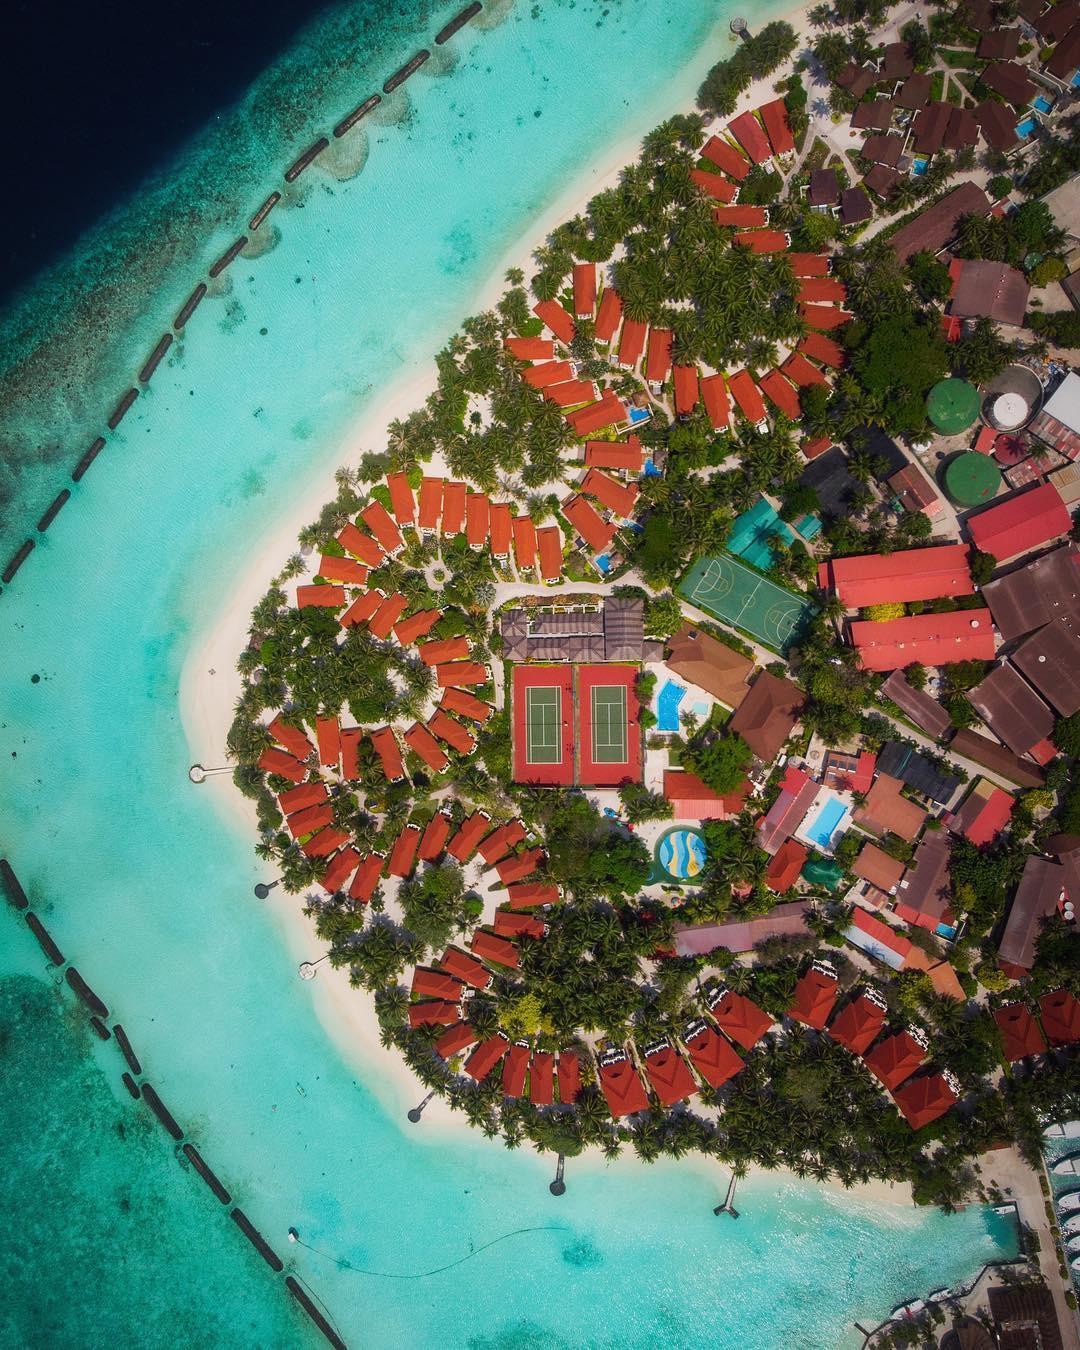 Bộ ảnh thiên đường hạ giới Maldives vừa được cô gái Việt Nam check in trông cũng rất gì và này nọ - Ảnh 6.